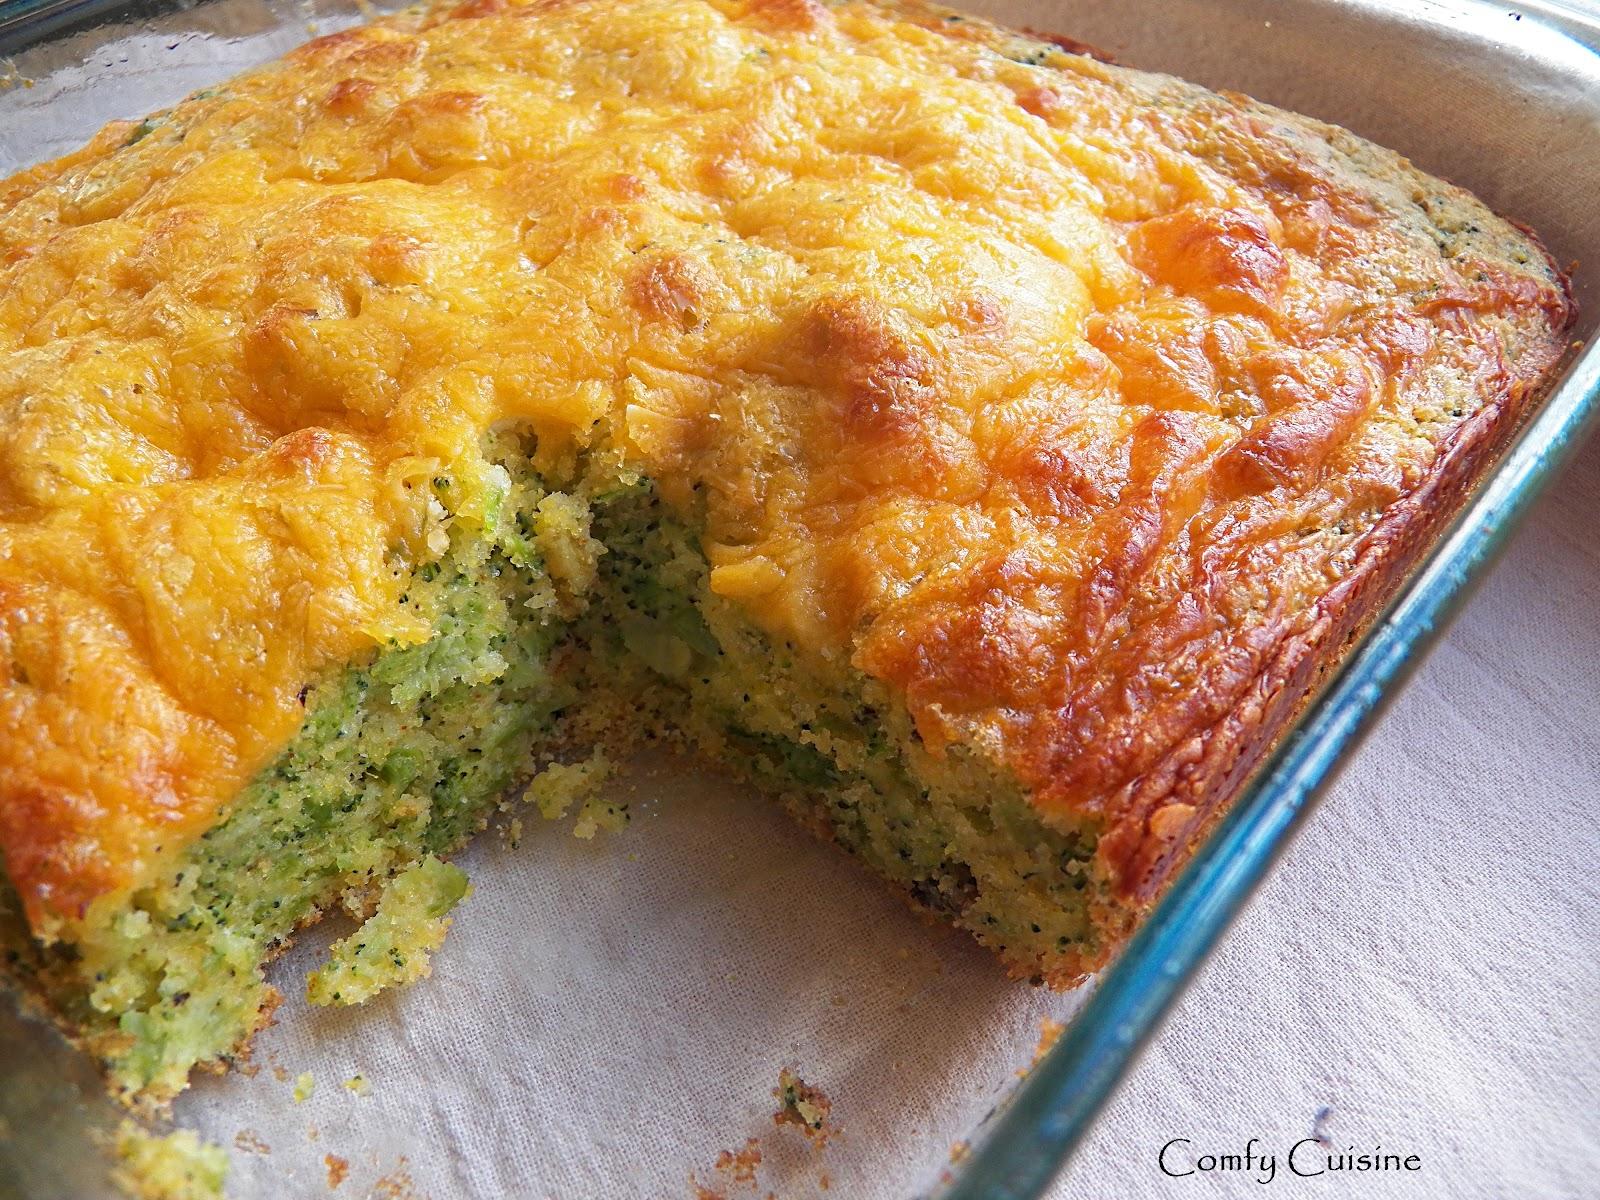 Comfy Cuisine: Broccoli Cheese Cornbread